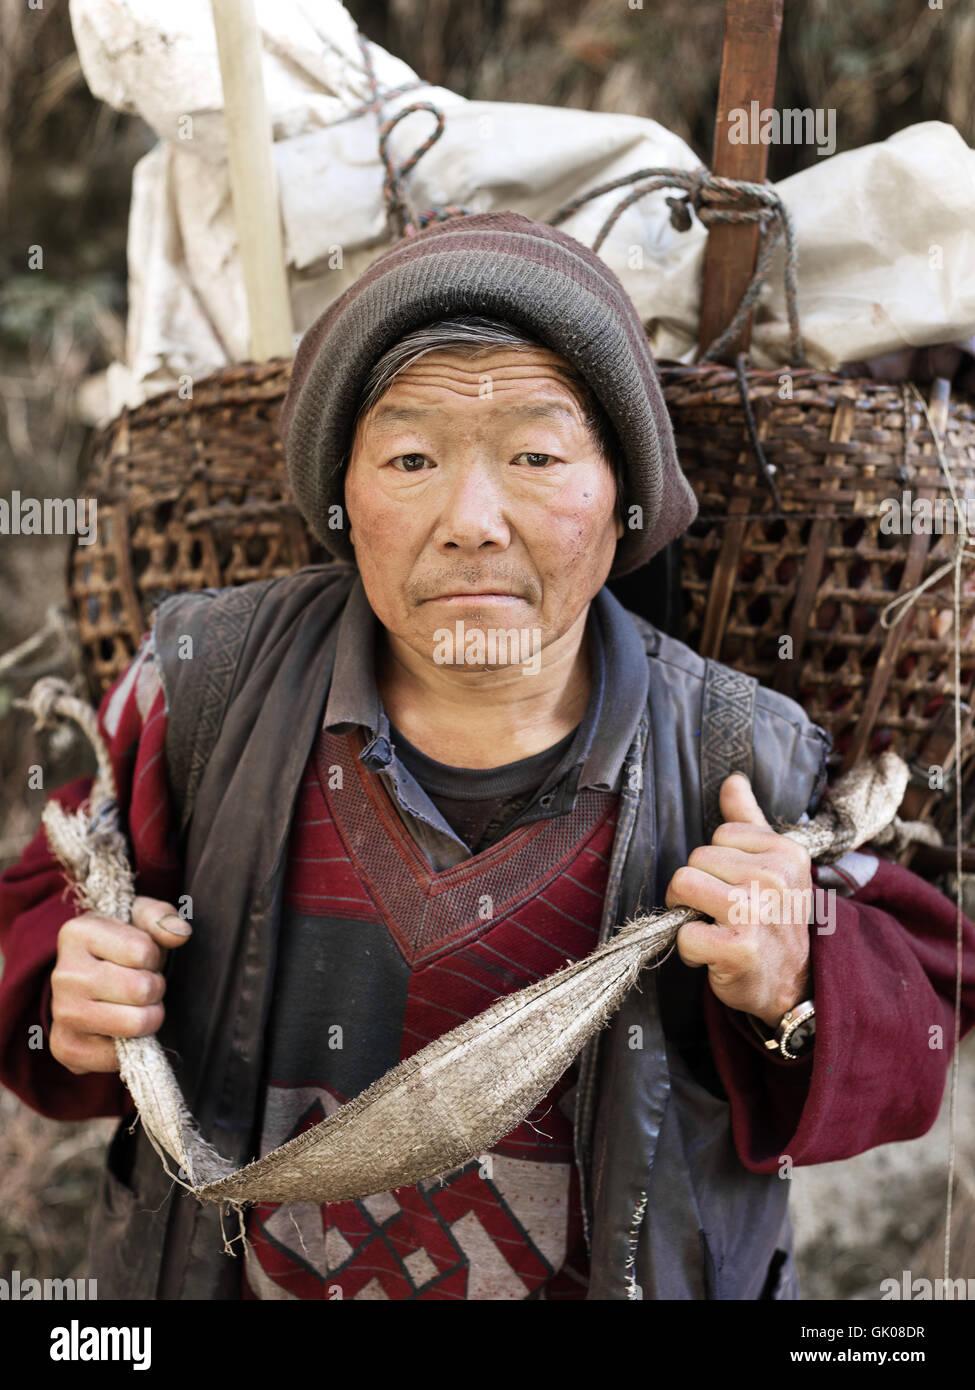 Ein Mann in der Nähe von Lukla, Nepal trägt seine Produkte über den Himalaya-Bergen in einem Korb Stockbild